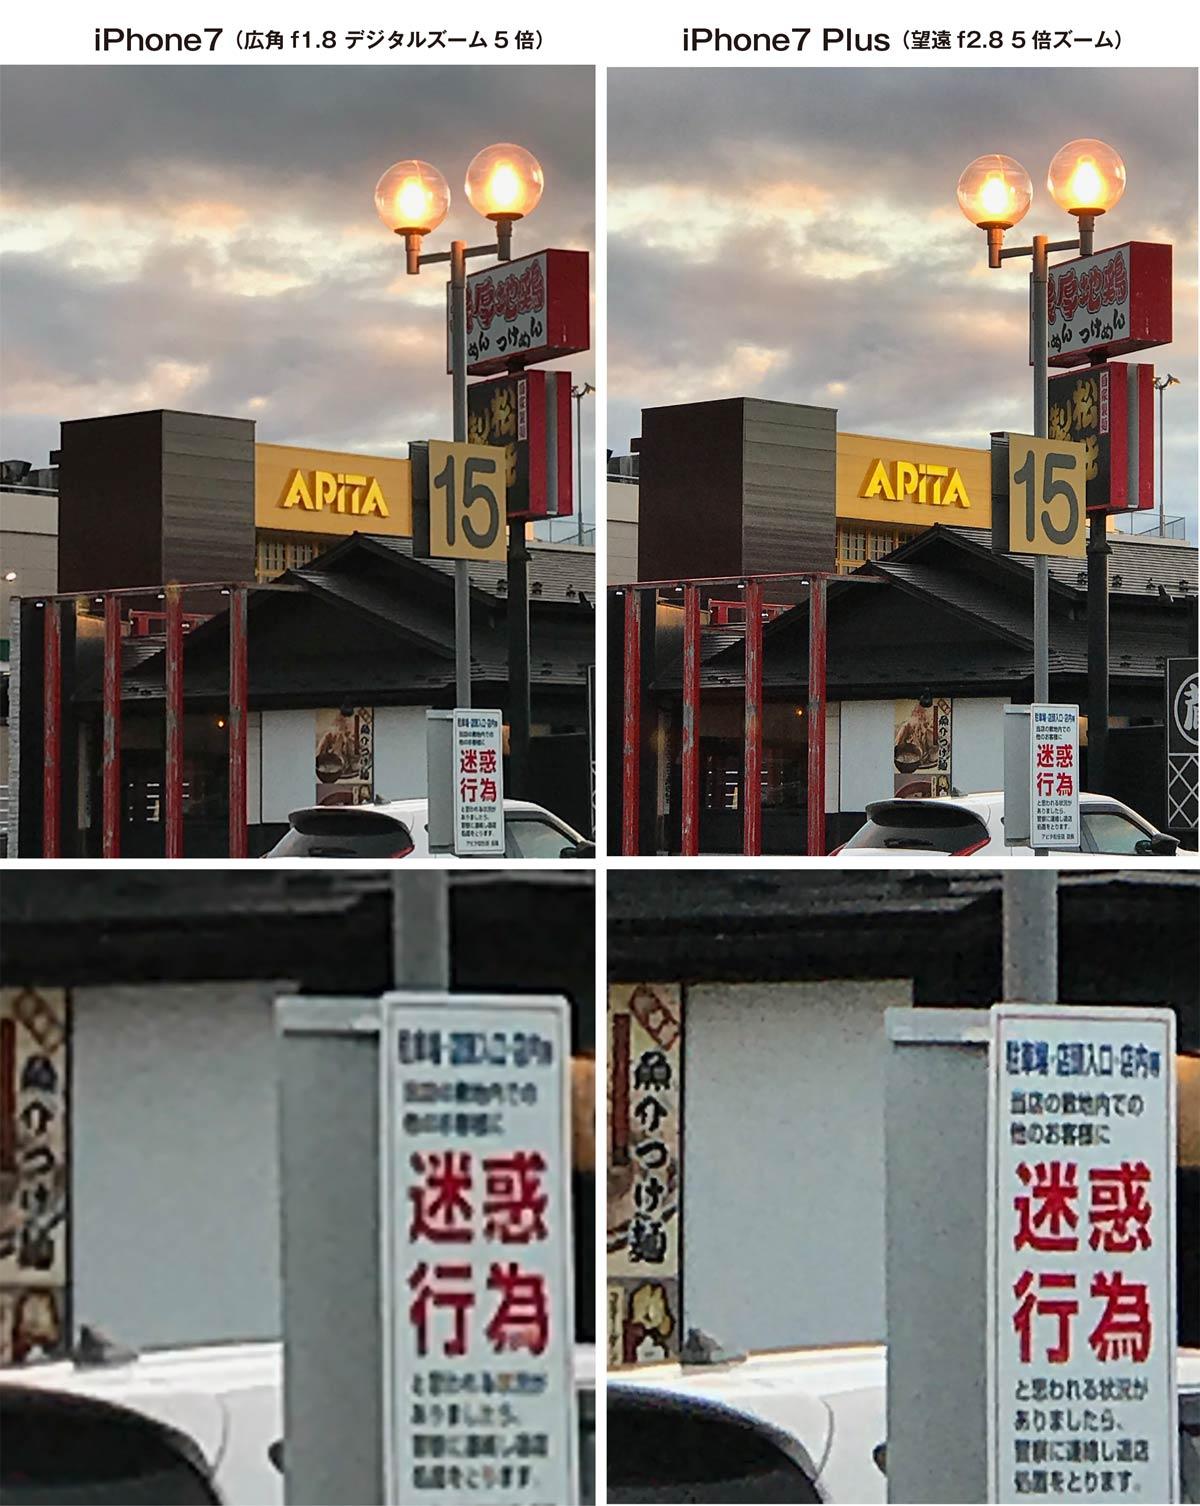 広角カメラと望遠カメラの画質比較(外の風景)